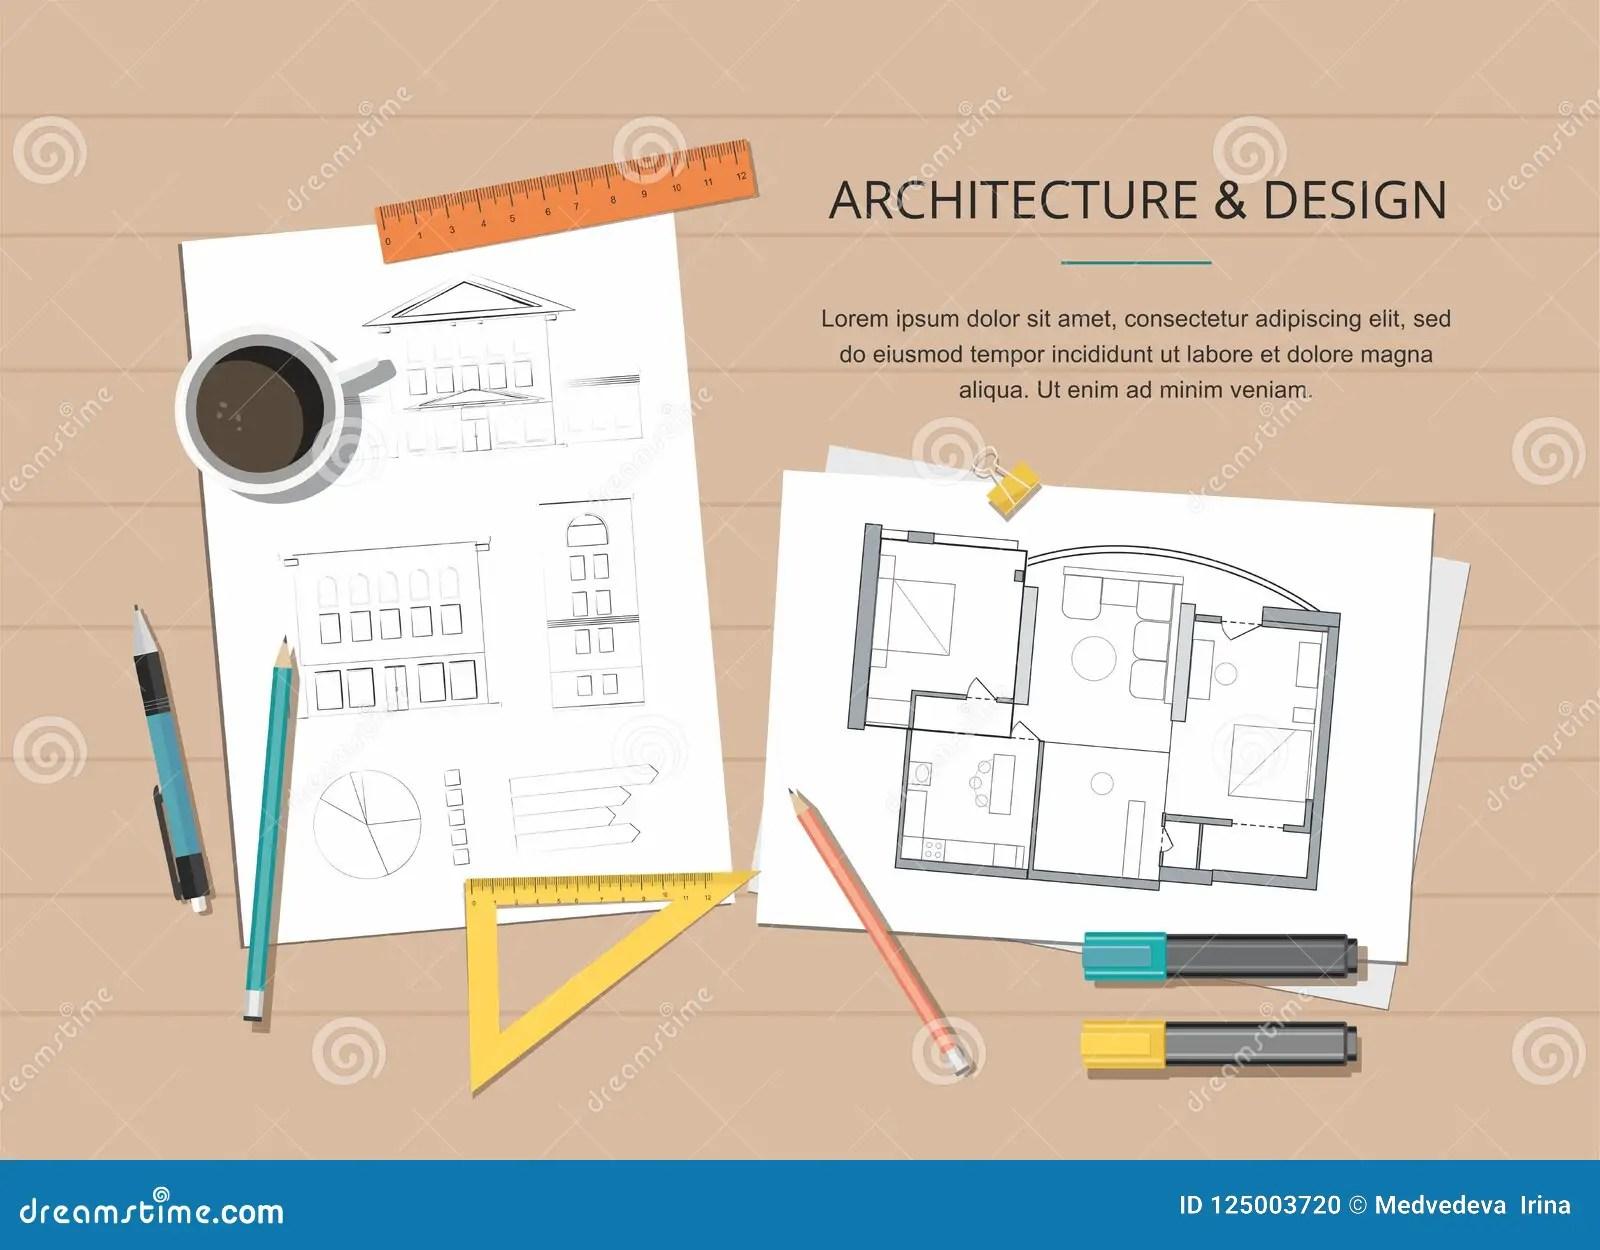 https fr dreamstime com lieu travail plan maison d architecte projet construction des outils dessin fond image125003720